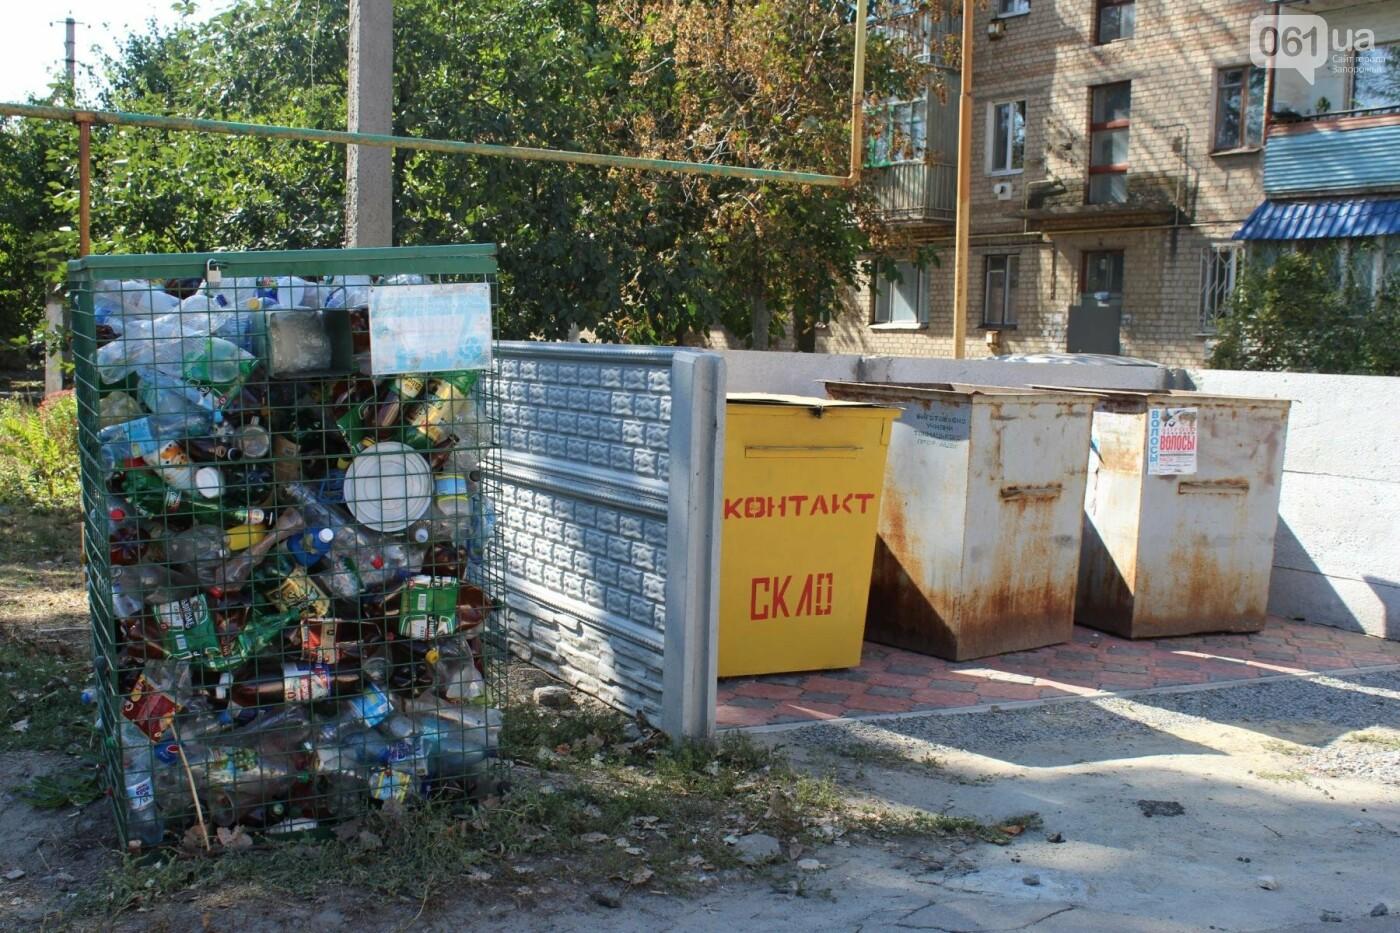 Как там в Токмаке: репортаж из официально депрессивного города, фото-34